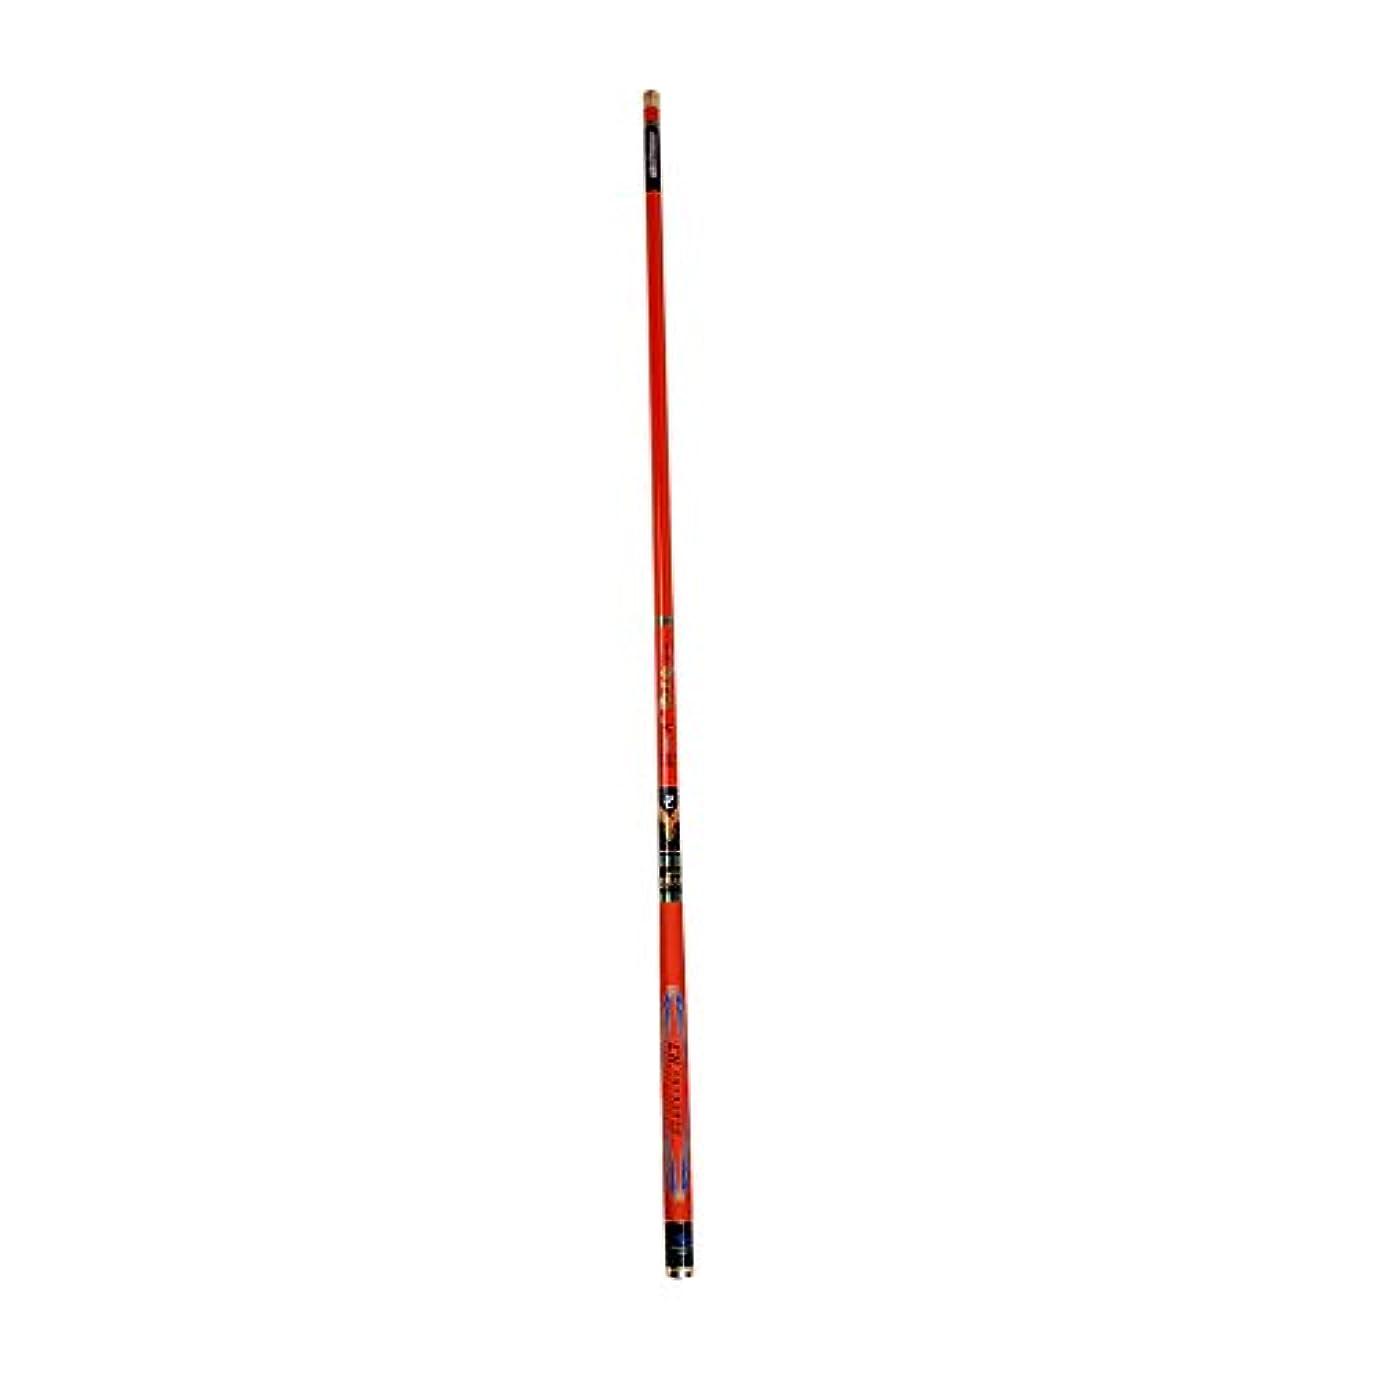 誘導専制何か引き込み式の釣り竿釣り竿の釣り竿Haitang海釣り竿長投げ海ロッド投げ